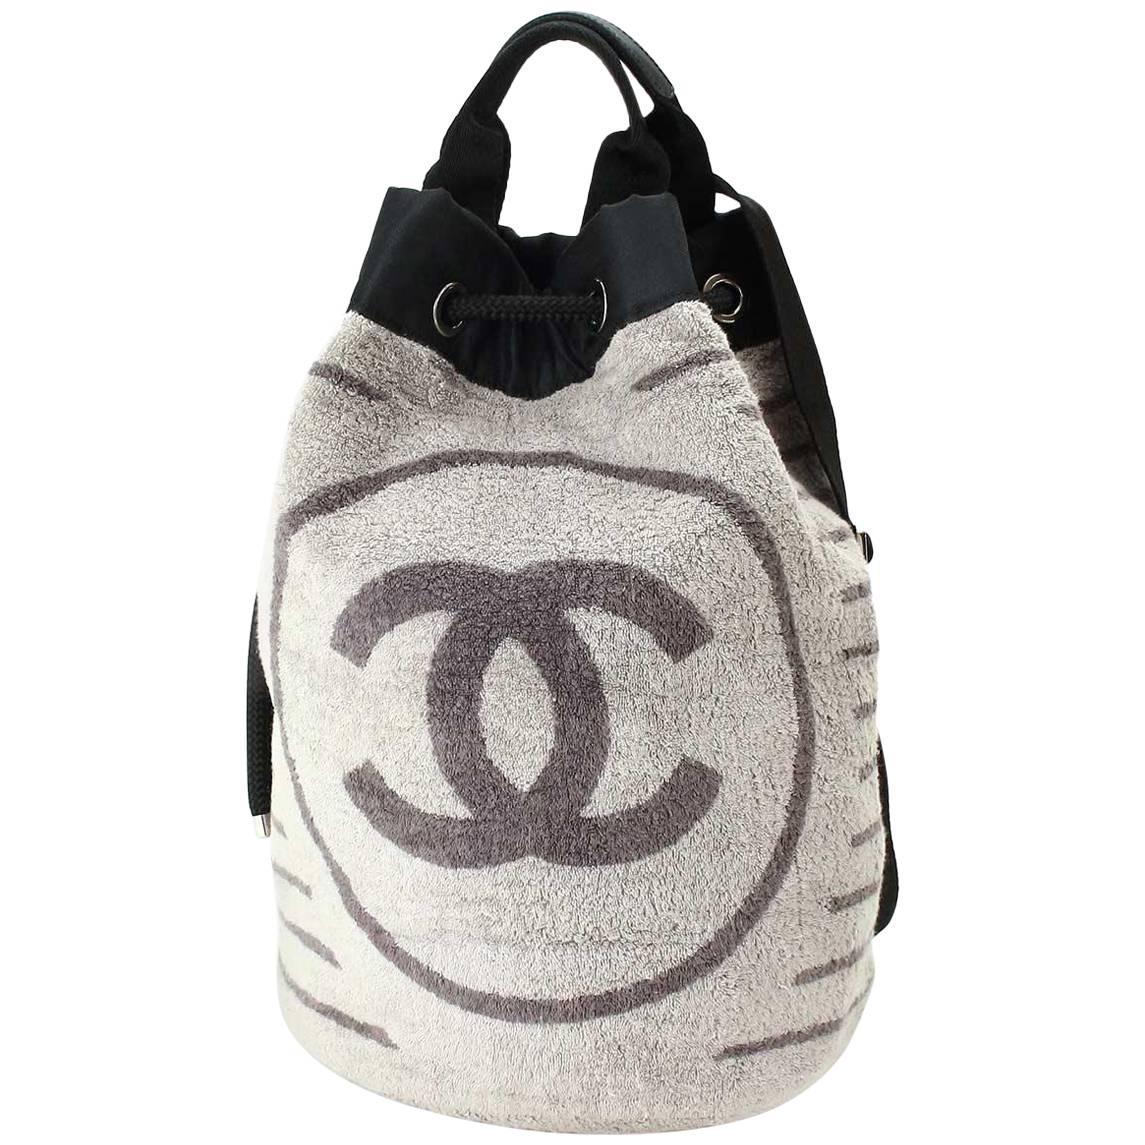 Chanel Black Gray CC Bucket Top Handle Travel Slingback Backpack Shoulder Bag